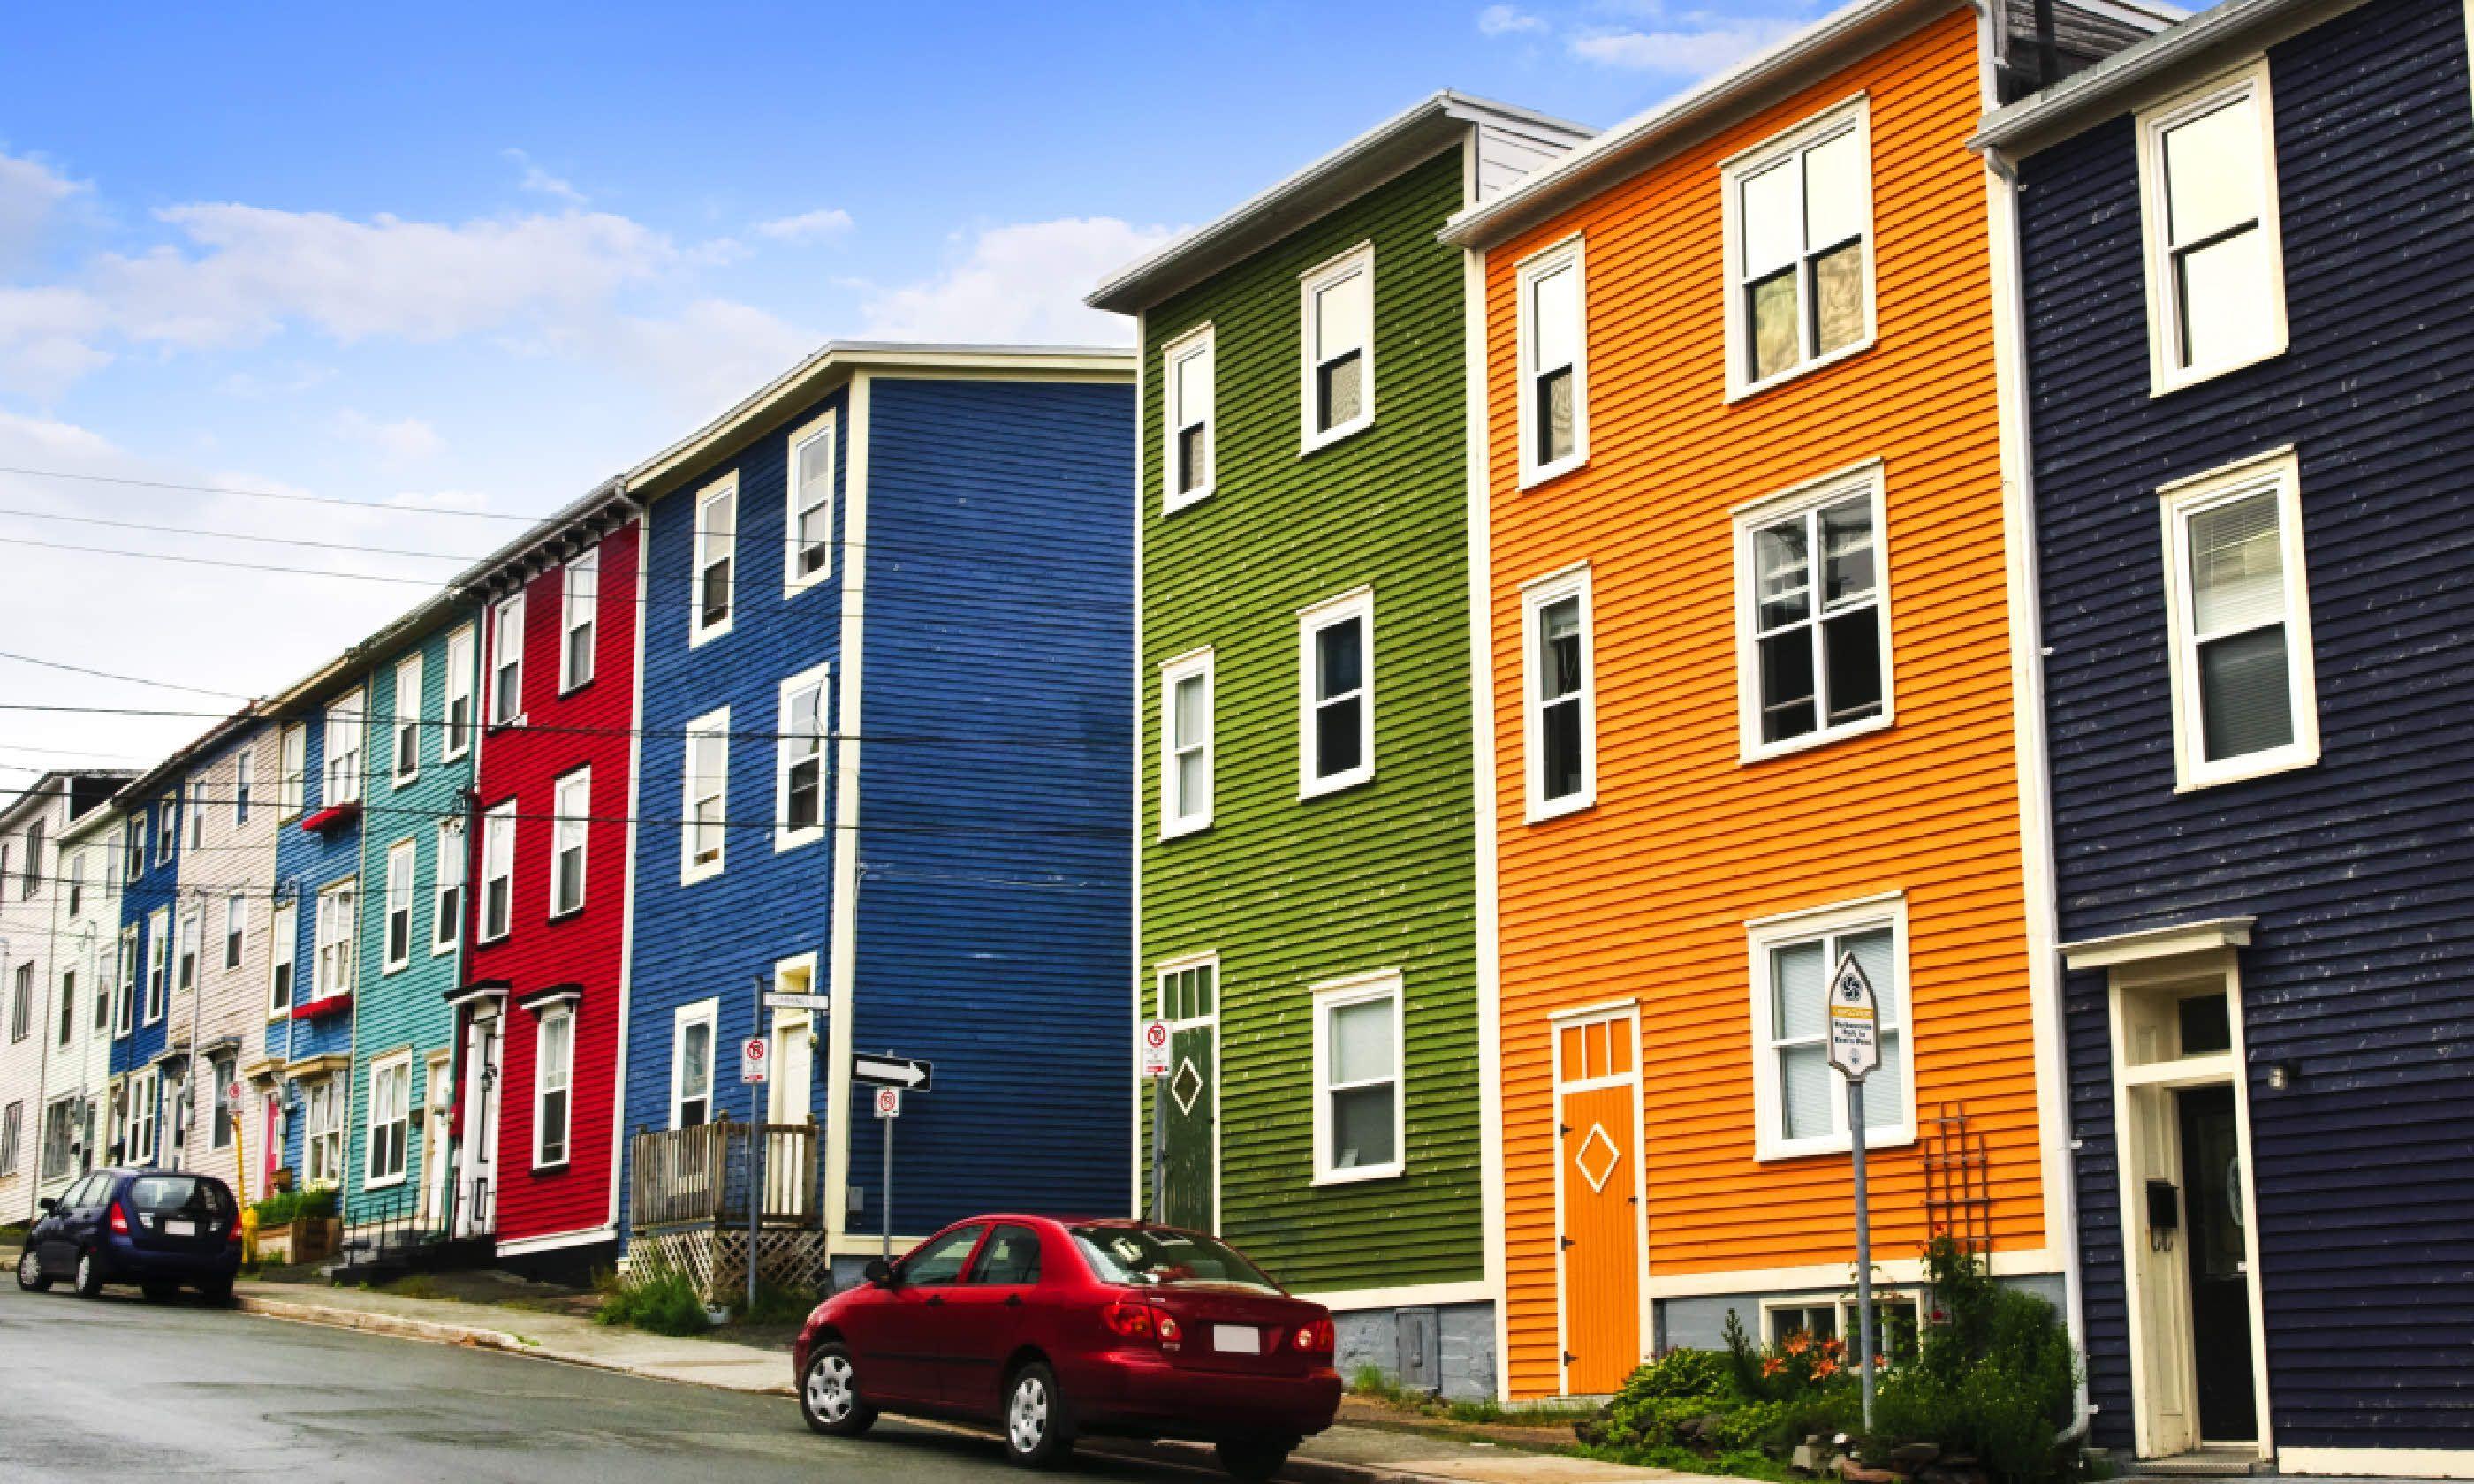 Street in St. John's, Canada (Shutterstock)